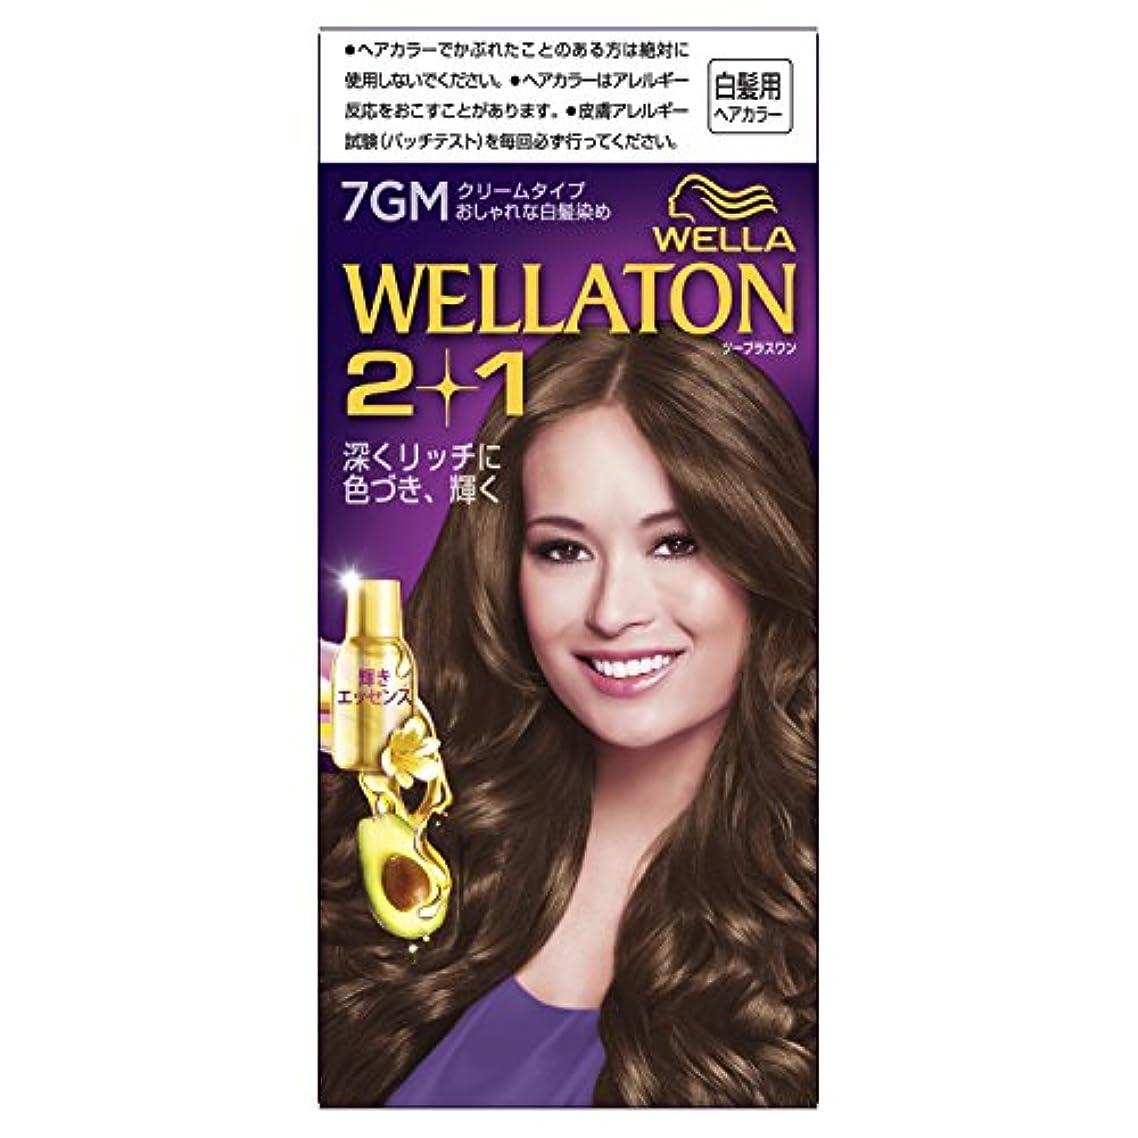 不従順果てしない誇張するウエラトーン2+1 クリームタイプ 7GM [医薬部外品](おしゃれな白髪染め)